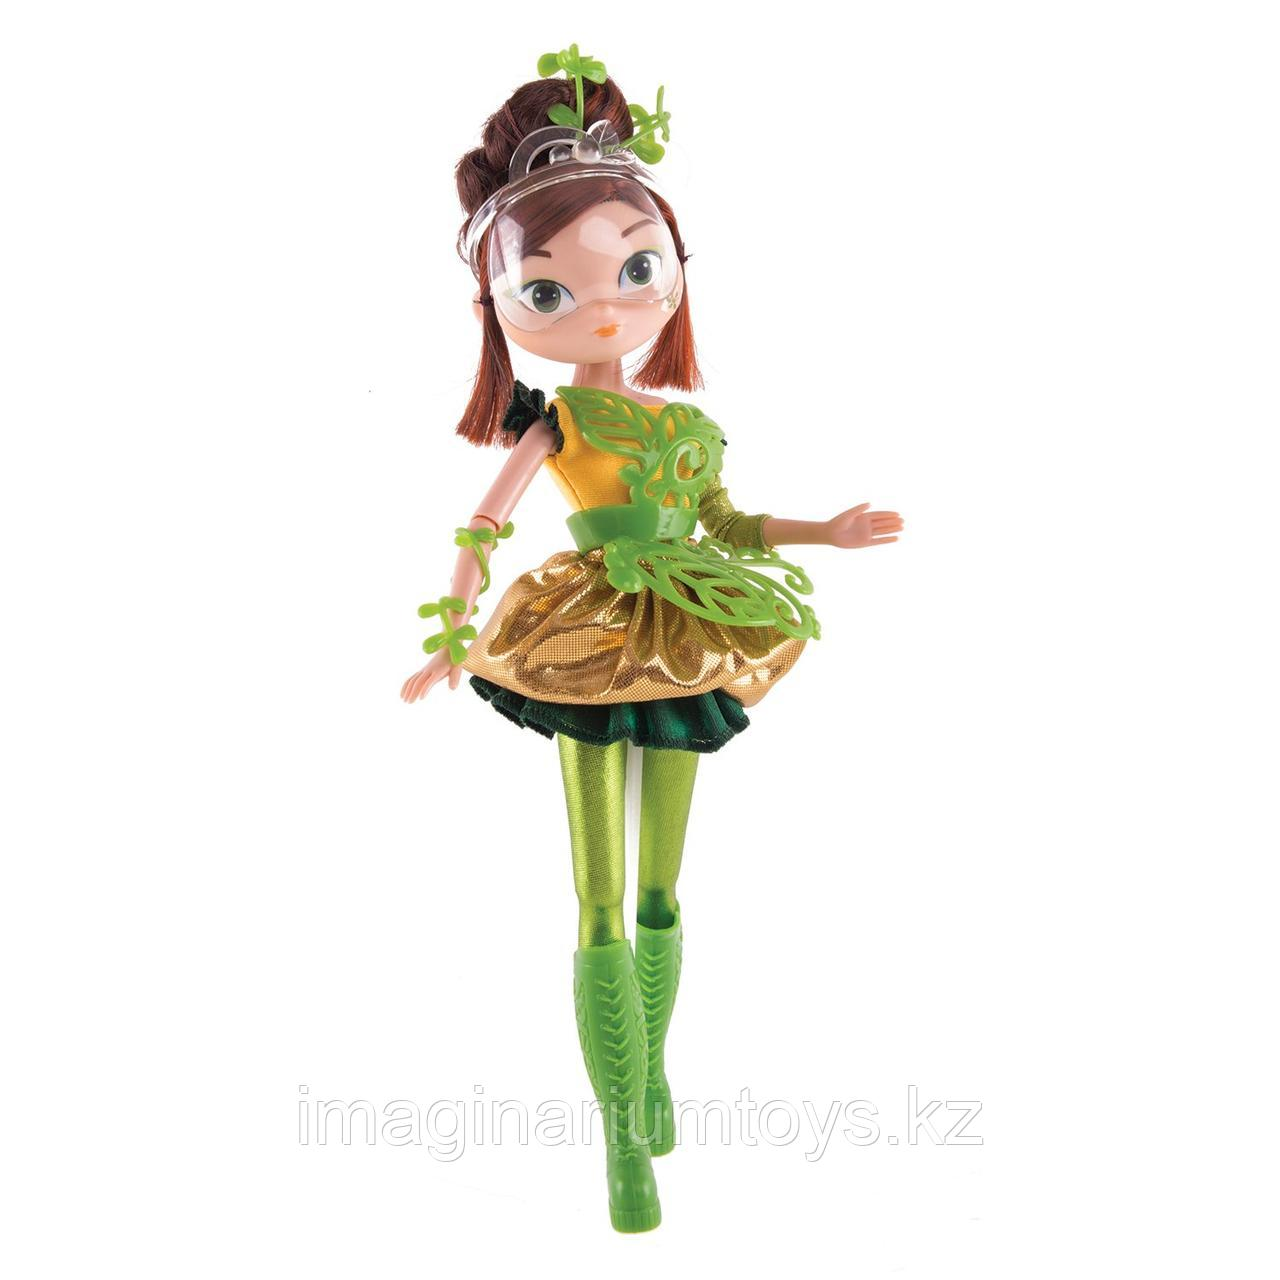 Кукла Сказочный патруль Маша серия Magic 30 см